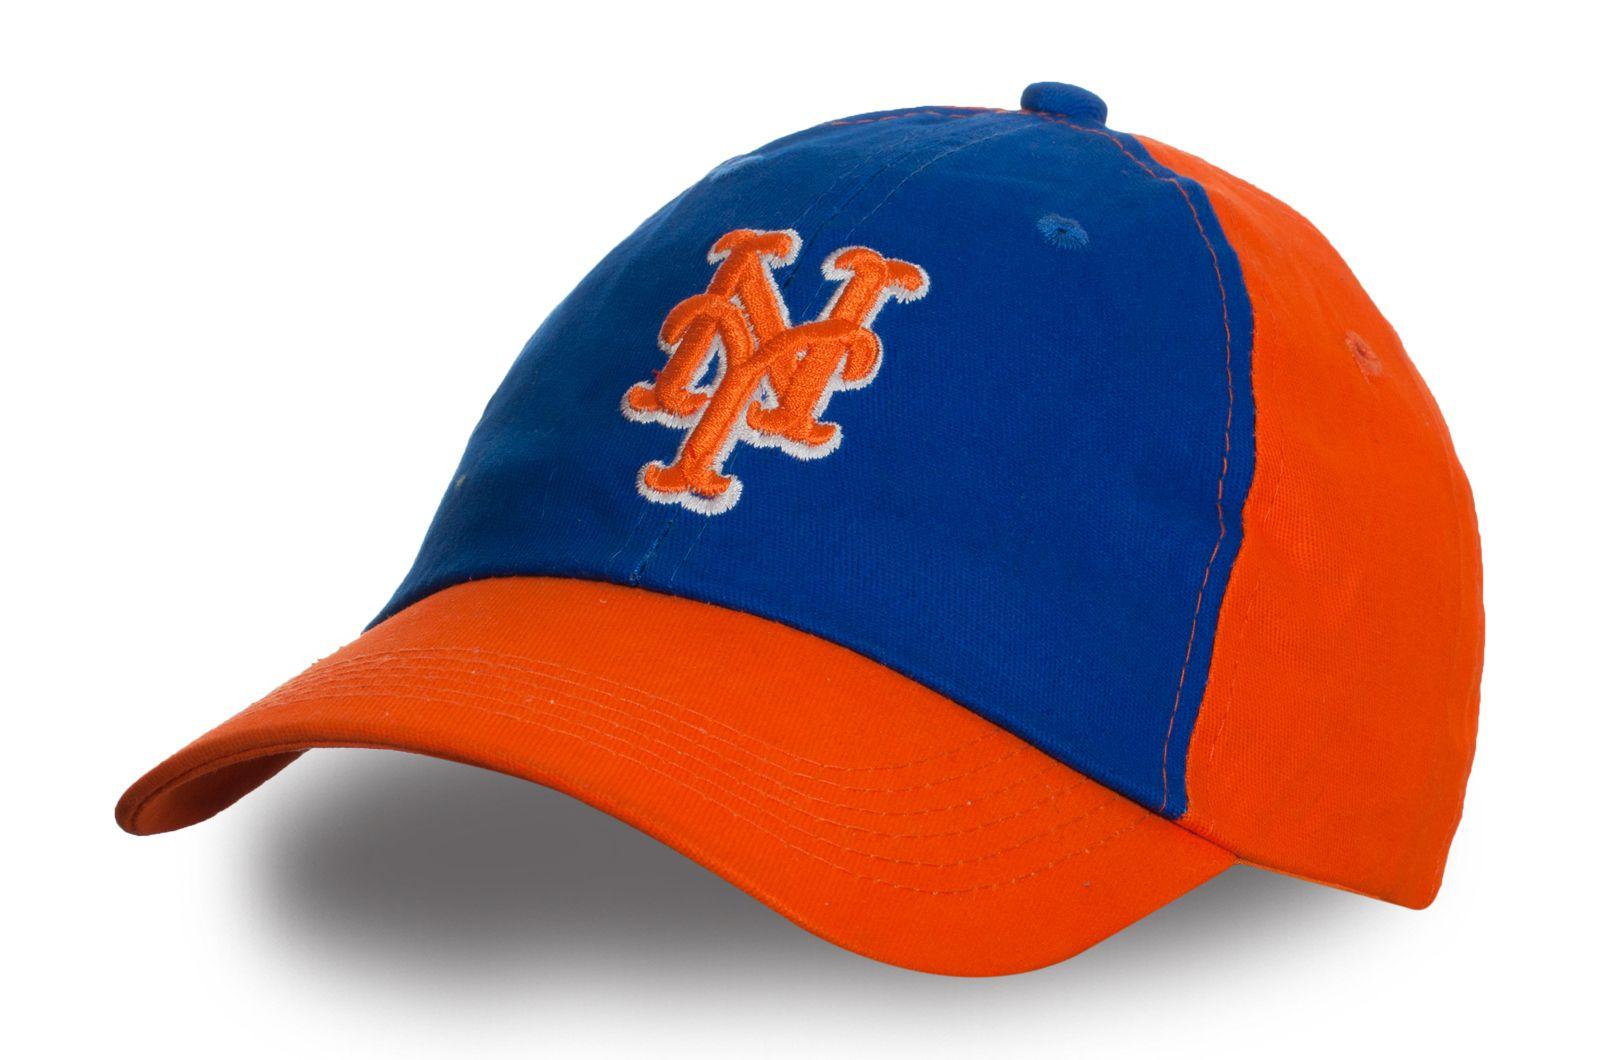 Оранжевая бейсболка NY | Купить брендовые бейсболки